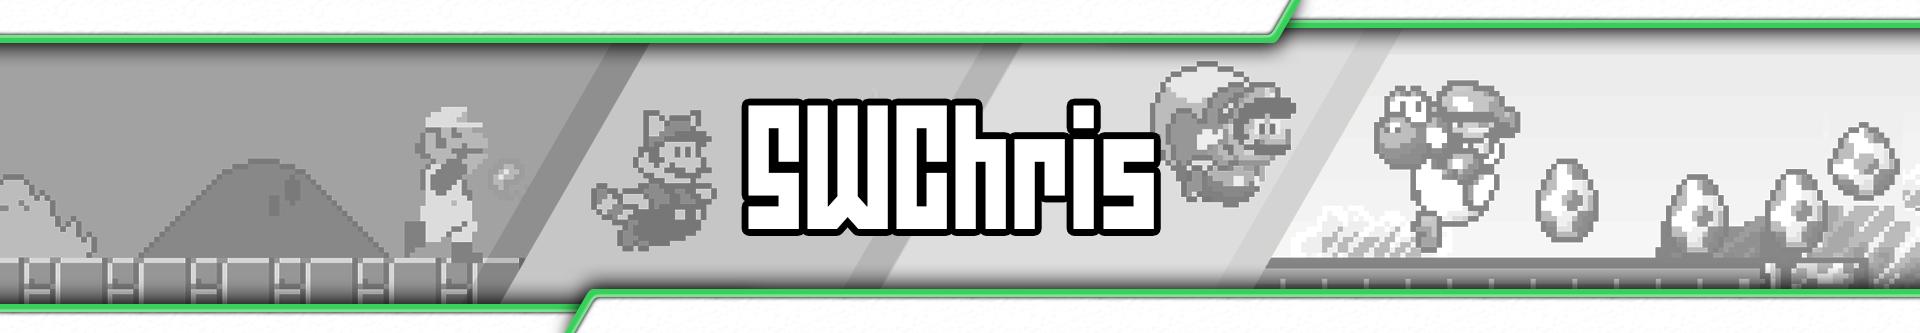 SWChris.com_Logo_Design_D_2019